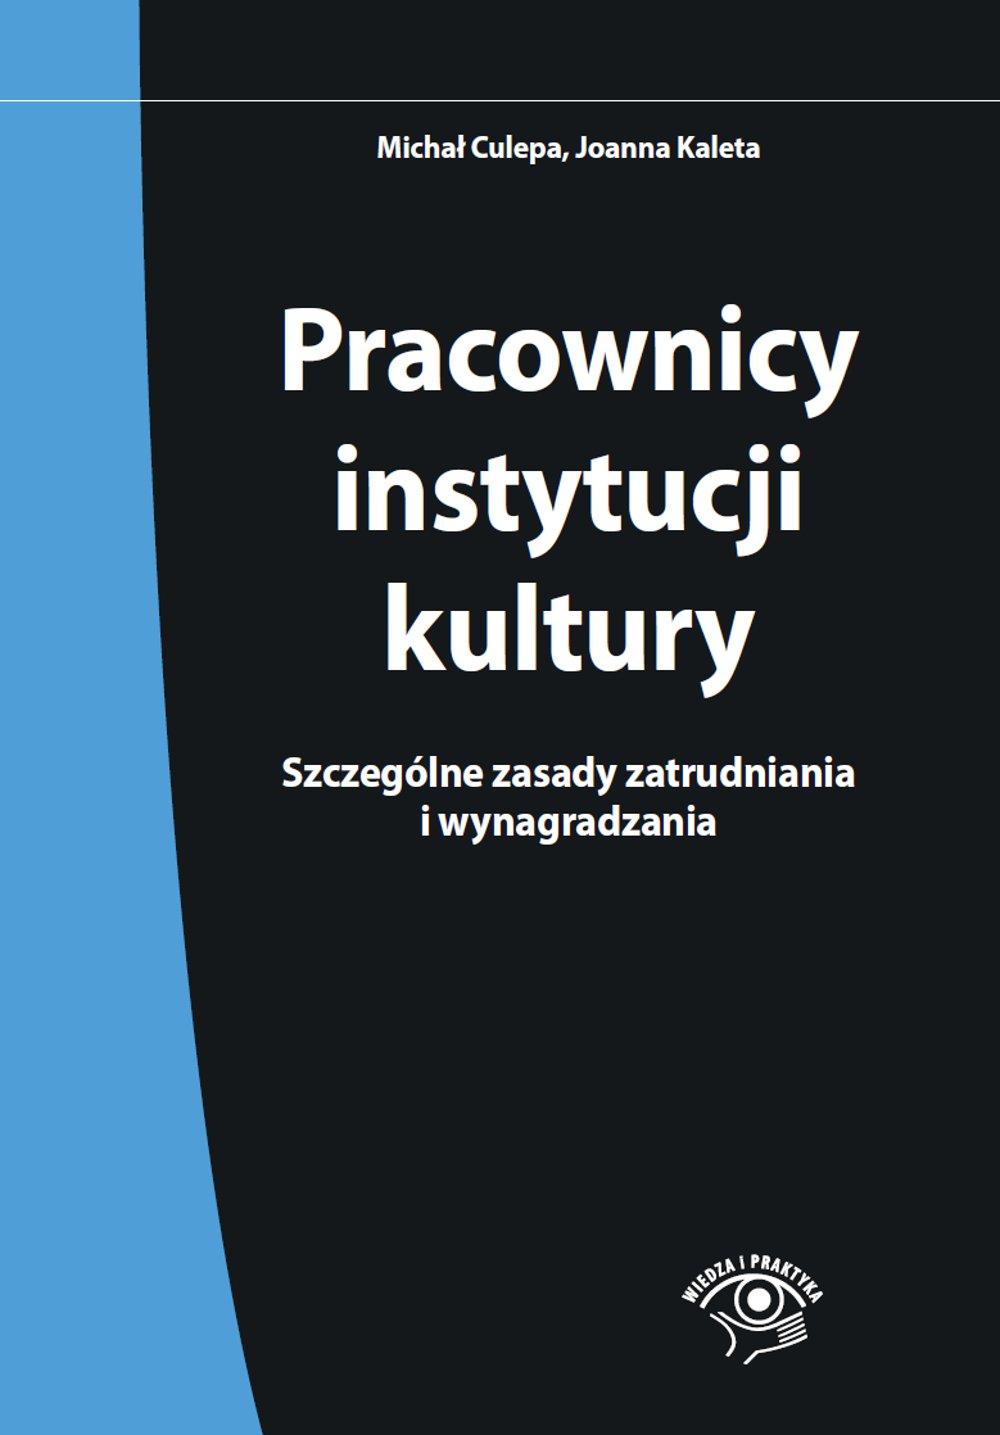 Pracownicy instytucji kultury. Szczególne zasady zatrudniania i wynagradzania - Ebook (Książka PDF) do pobrania w formacie PDF